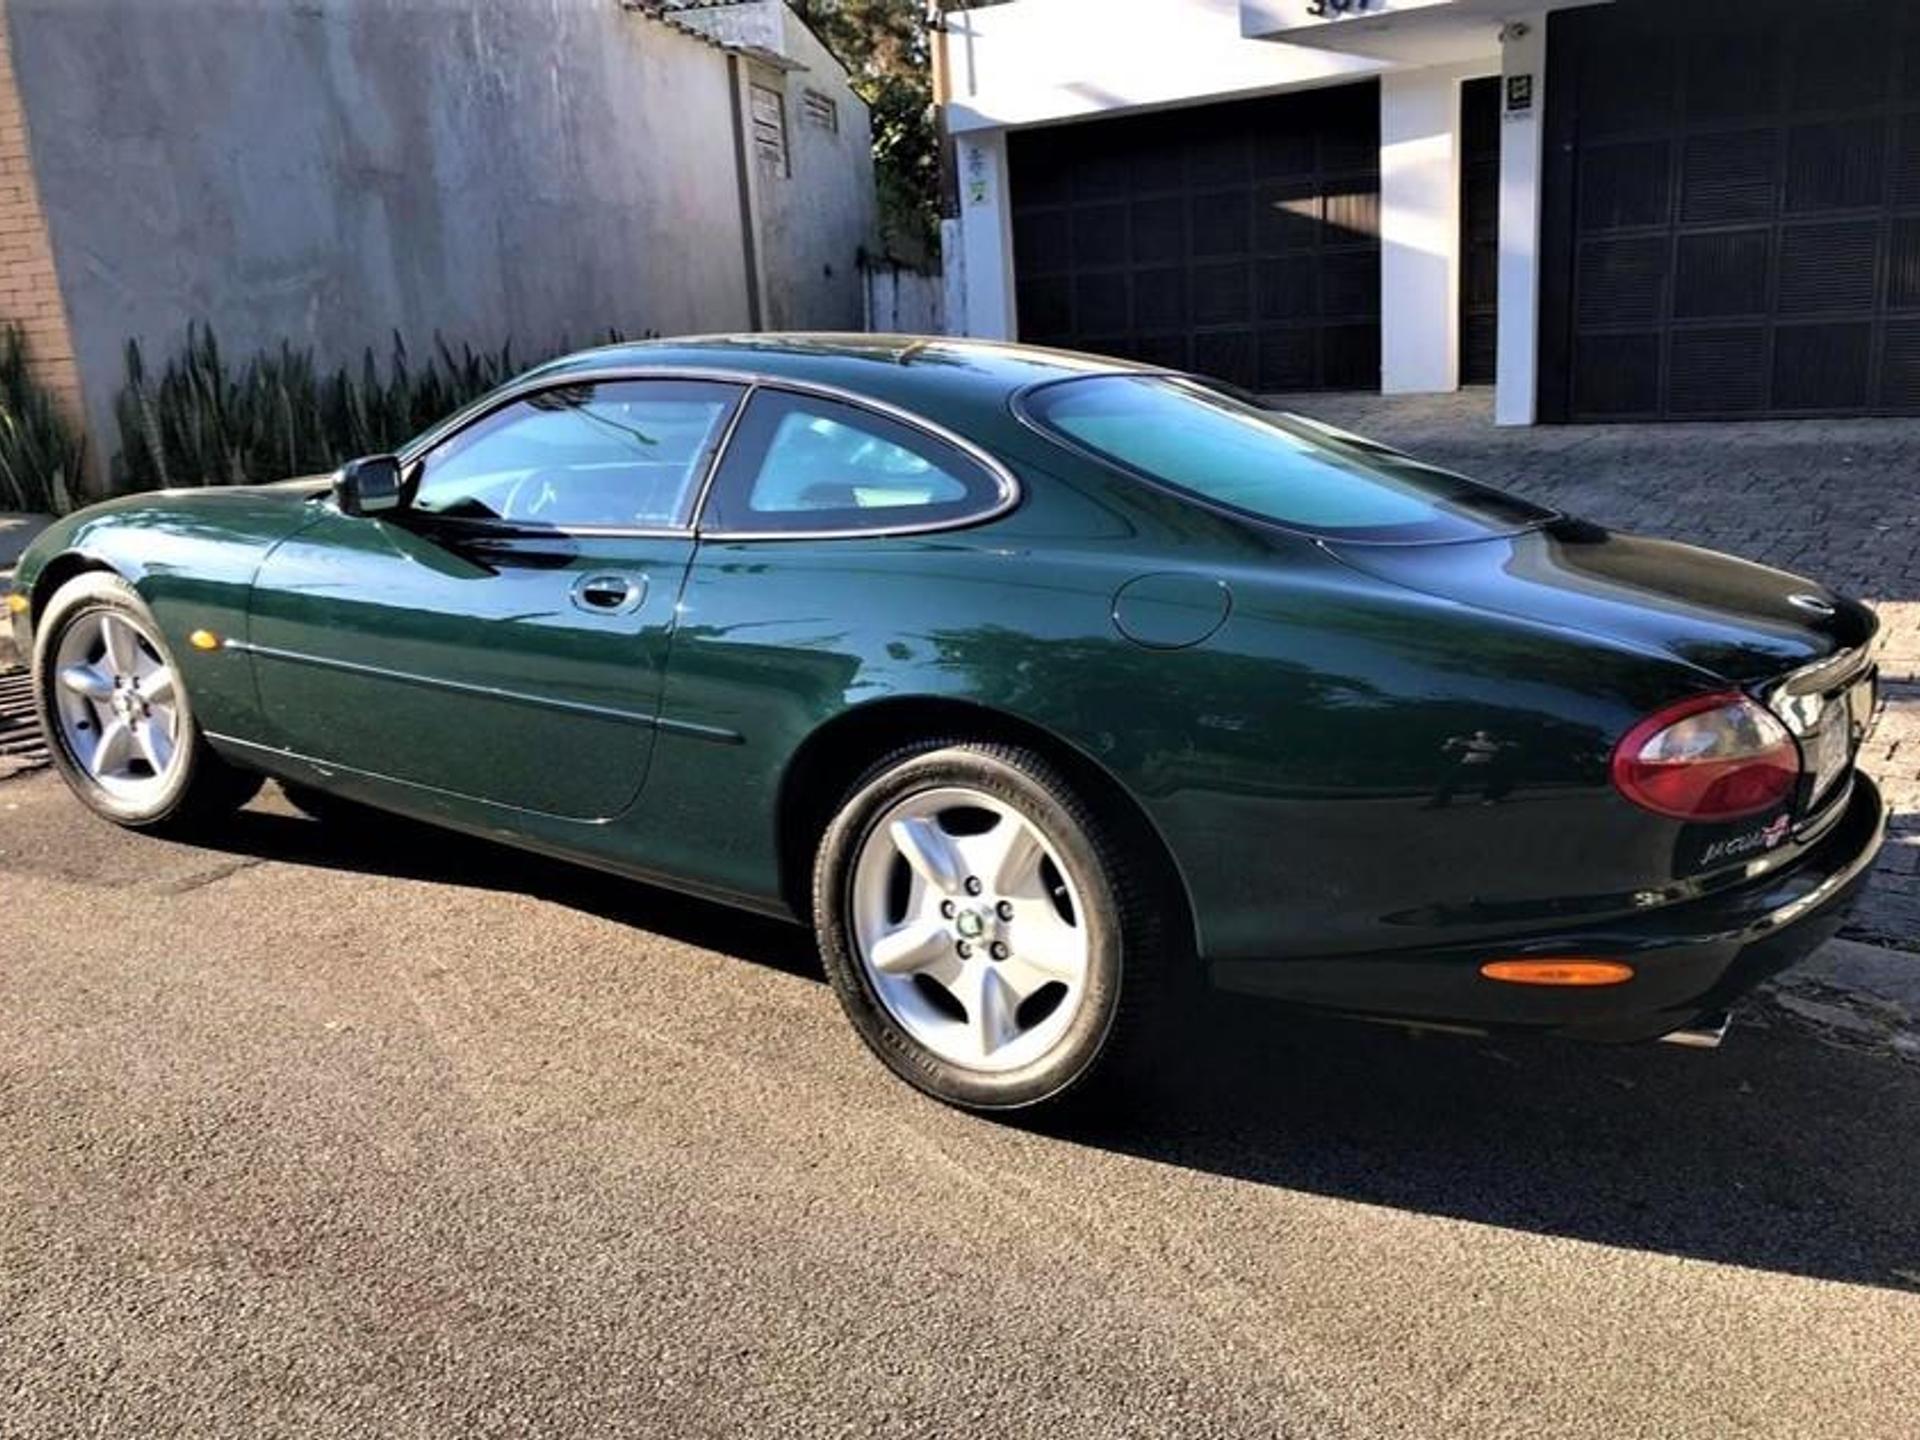 Jaguar Xk8 4.0 Coupe V8 32v Gasolina 2p Automatico Wmimagem16284536795